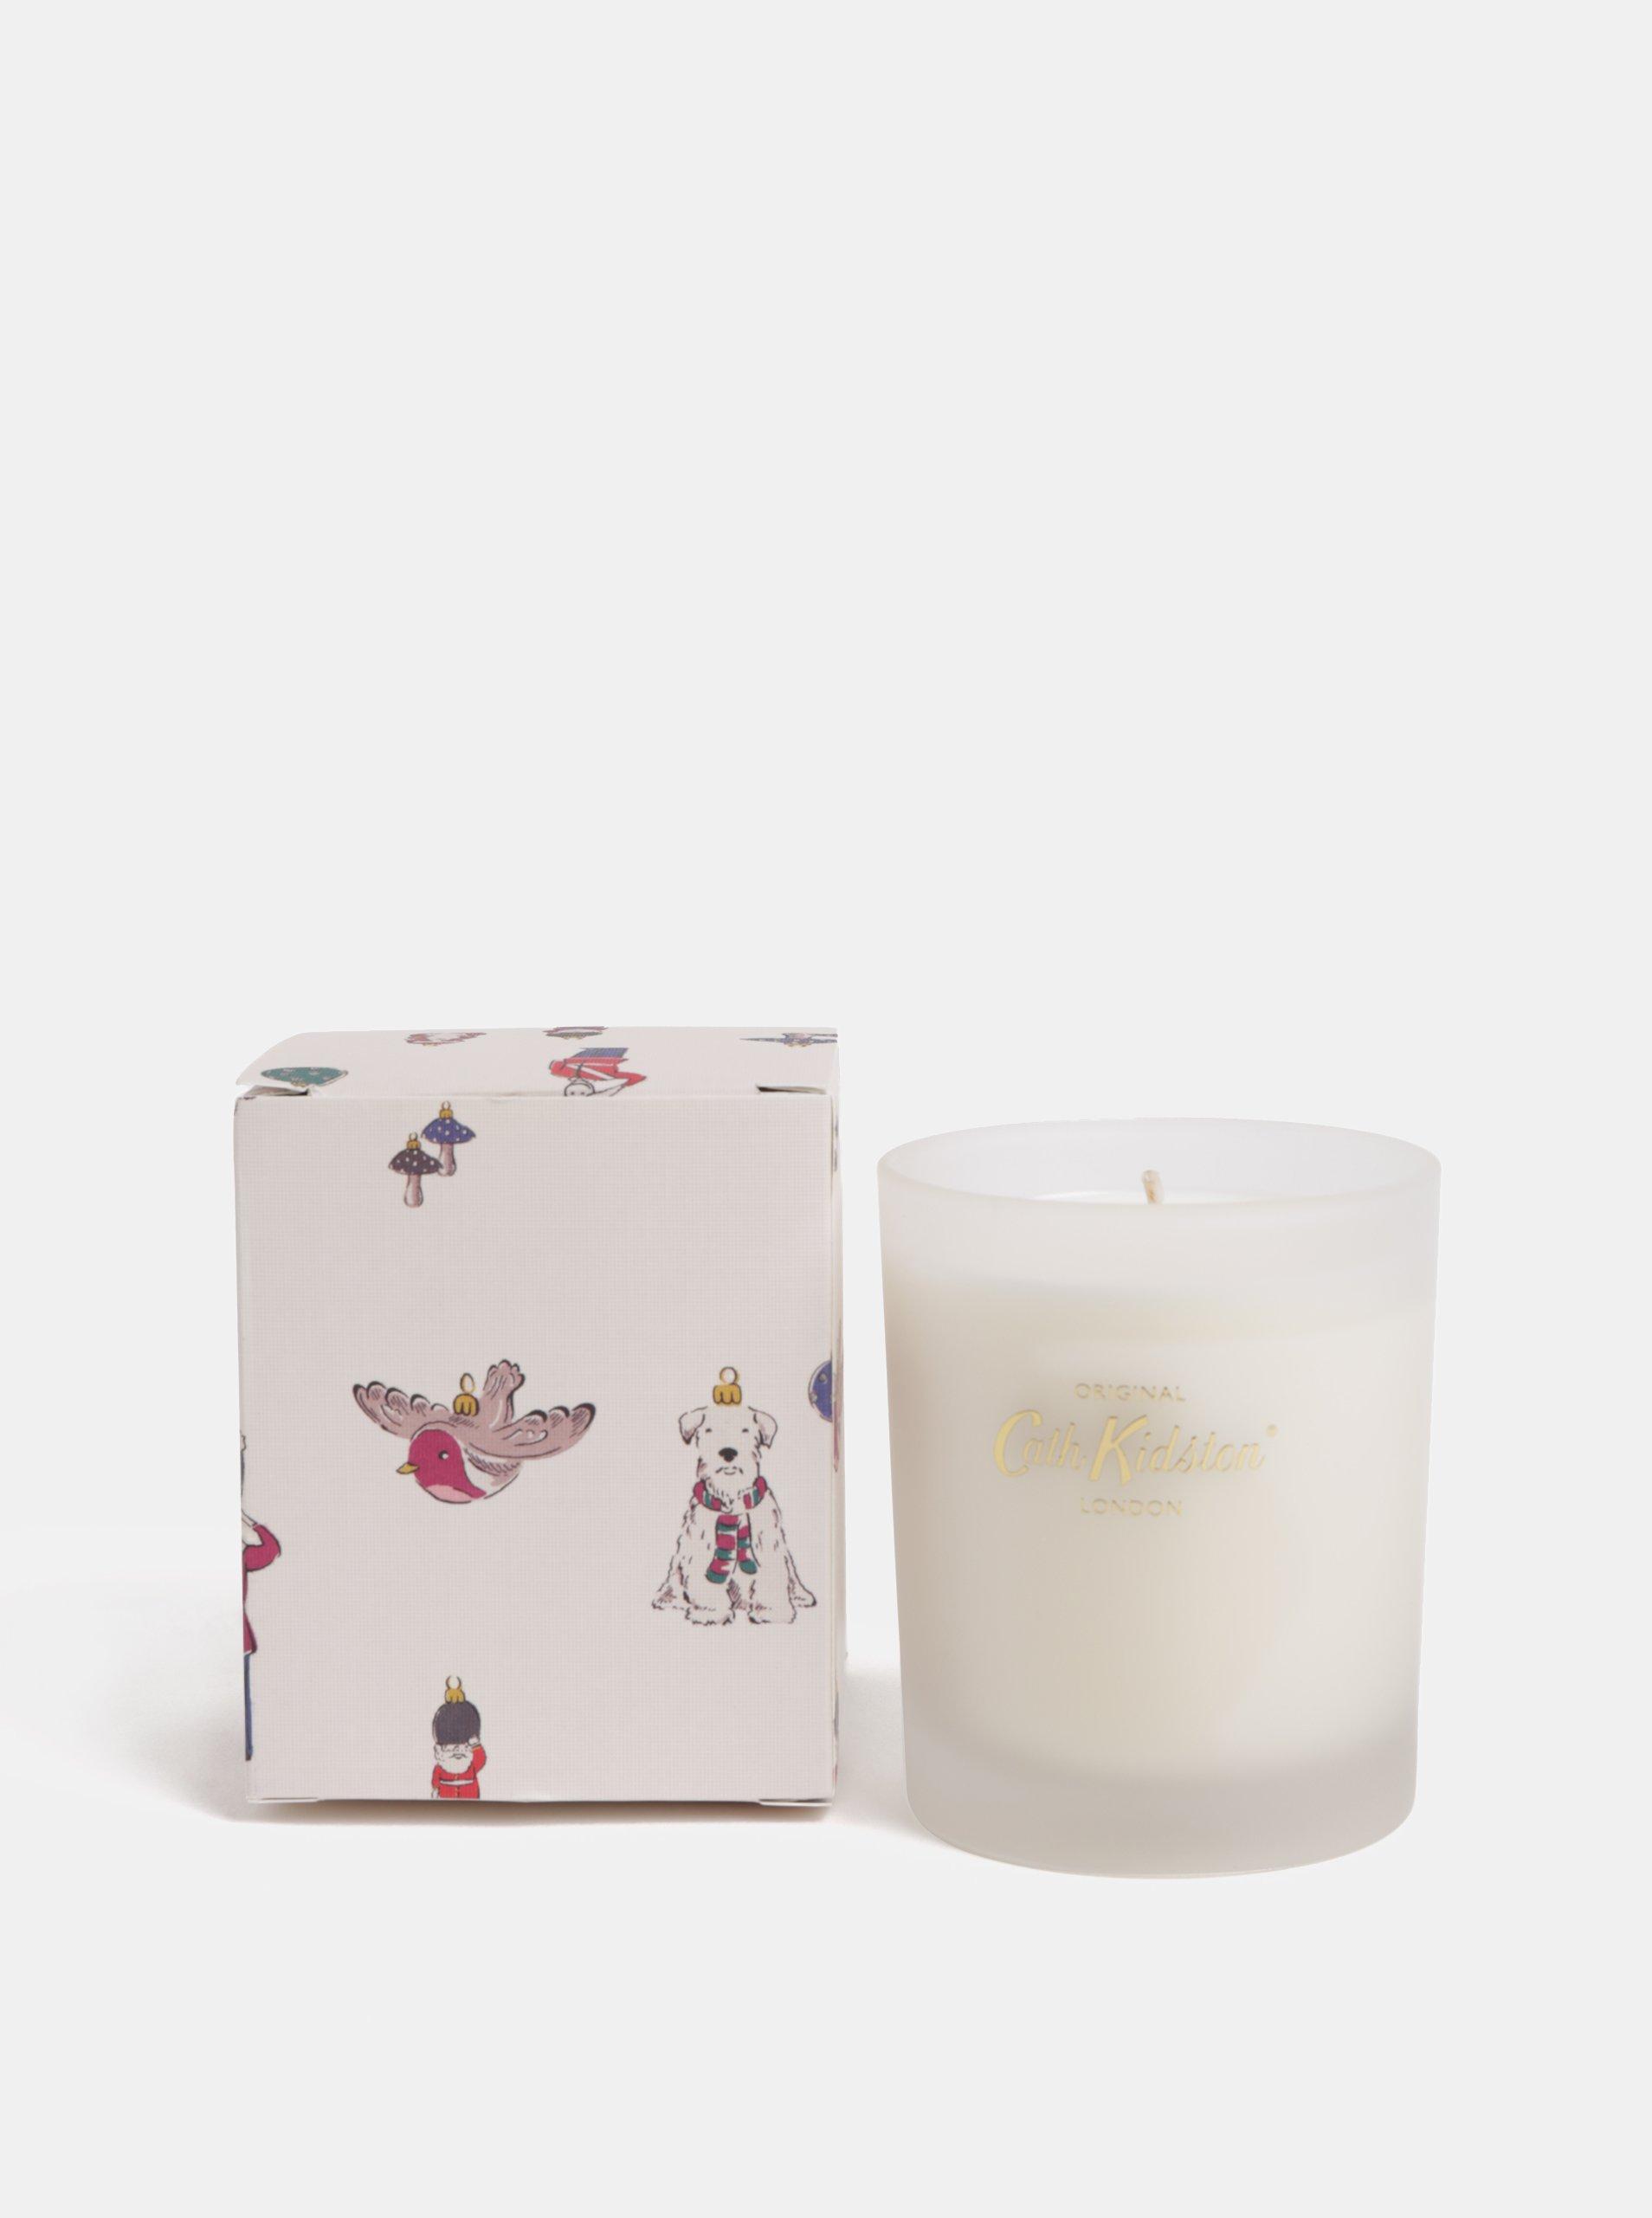 Krémová sójová sviečka s vianočnou vôňou v darčekovej škatuľke Cath Kidston